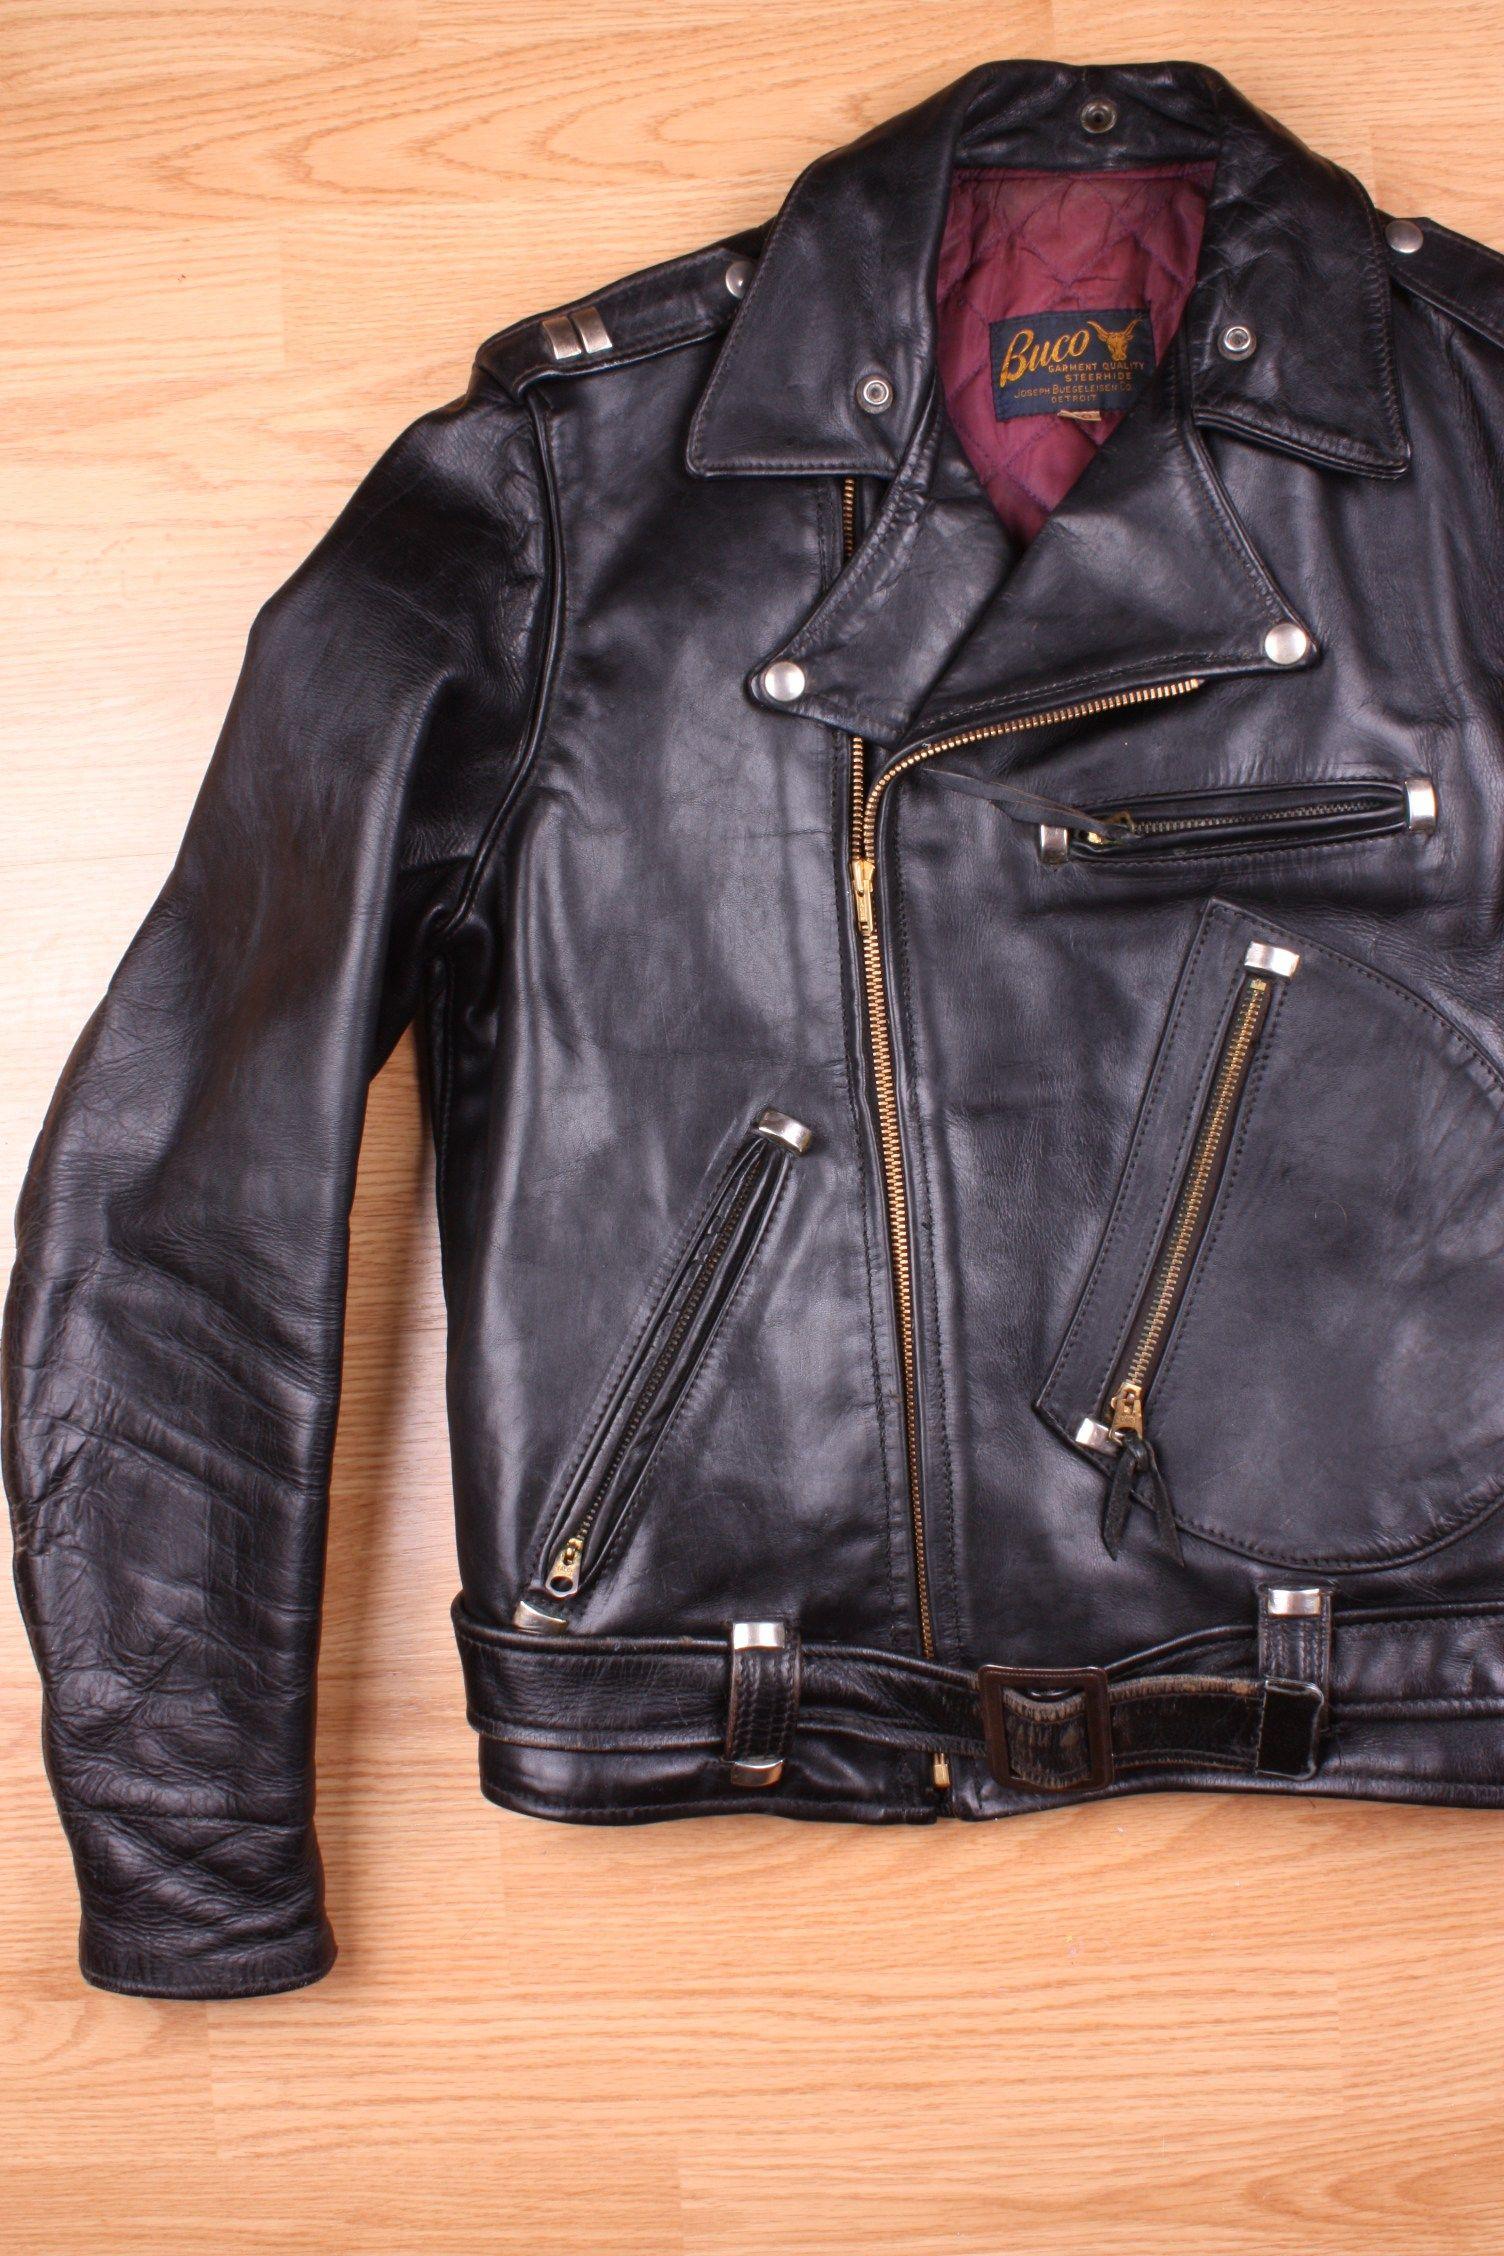 Buco Leather Jacket Model J 82 Wearekoalas Leather Jacket Men Style Jackets Men Fashion Leather Jacket [ 2256 x 1504 Pixel ]